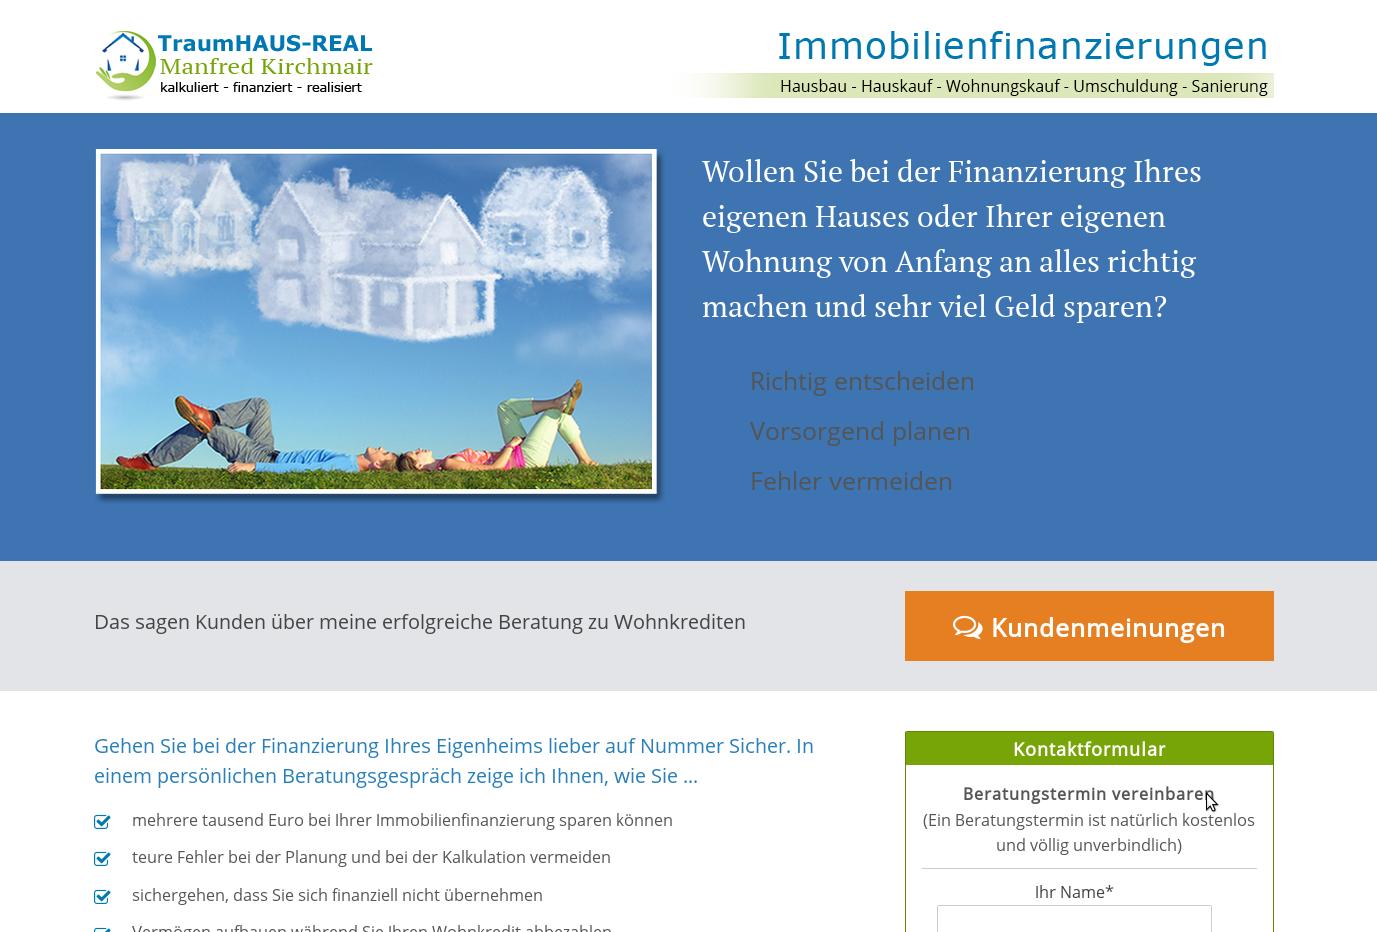 https://www.wohnraumfinanzierung72.at/